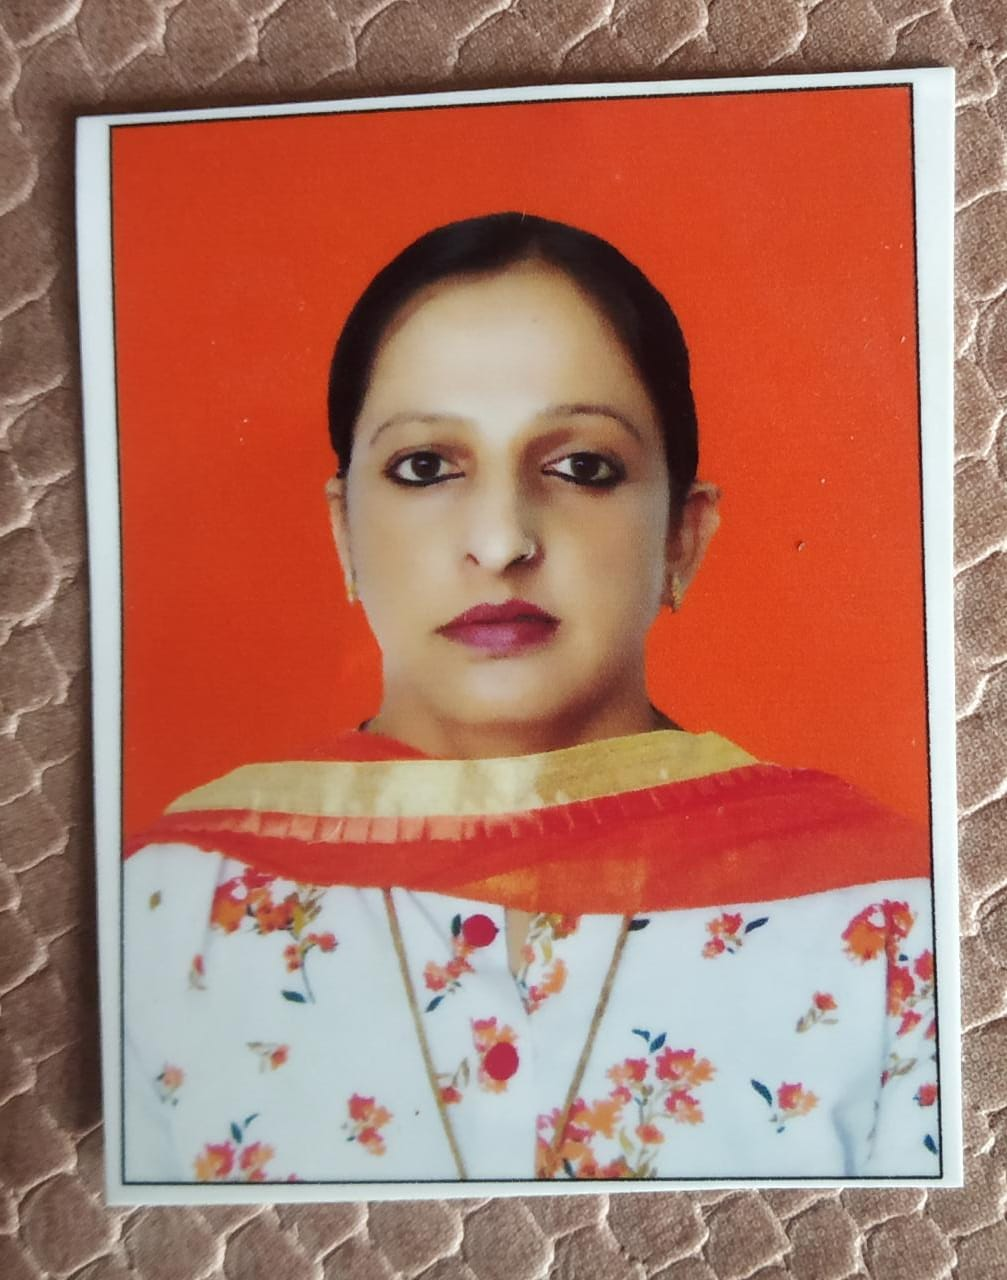 शिमला जिला की पहली मुस्लिम महिला डॉ रजिया सुल्तान को बेस्ट रिसर्च स्कॉलर ऑफ द इयर अवार्ड से नवाजा जाएगा